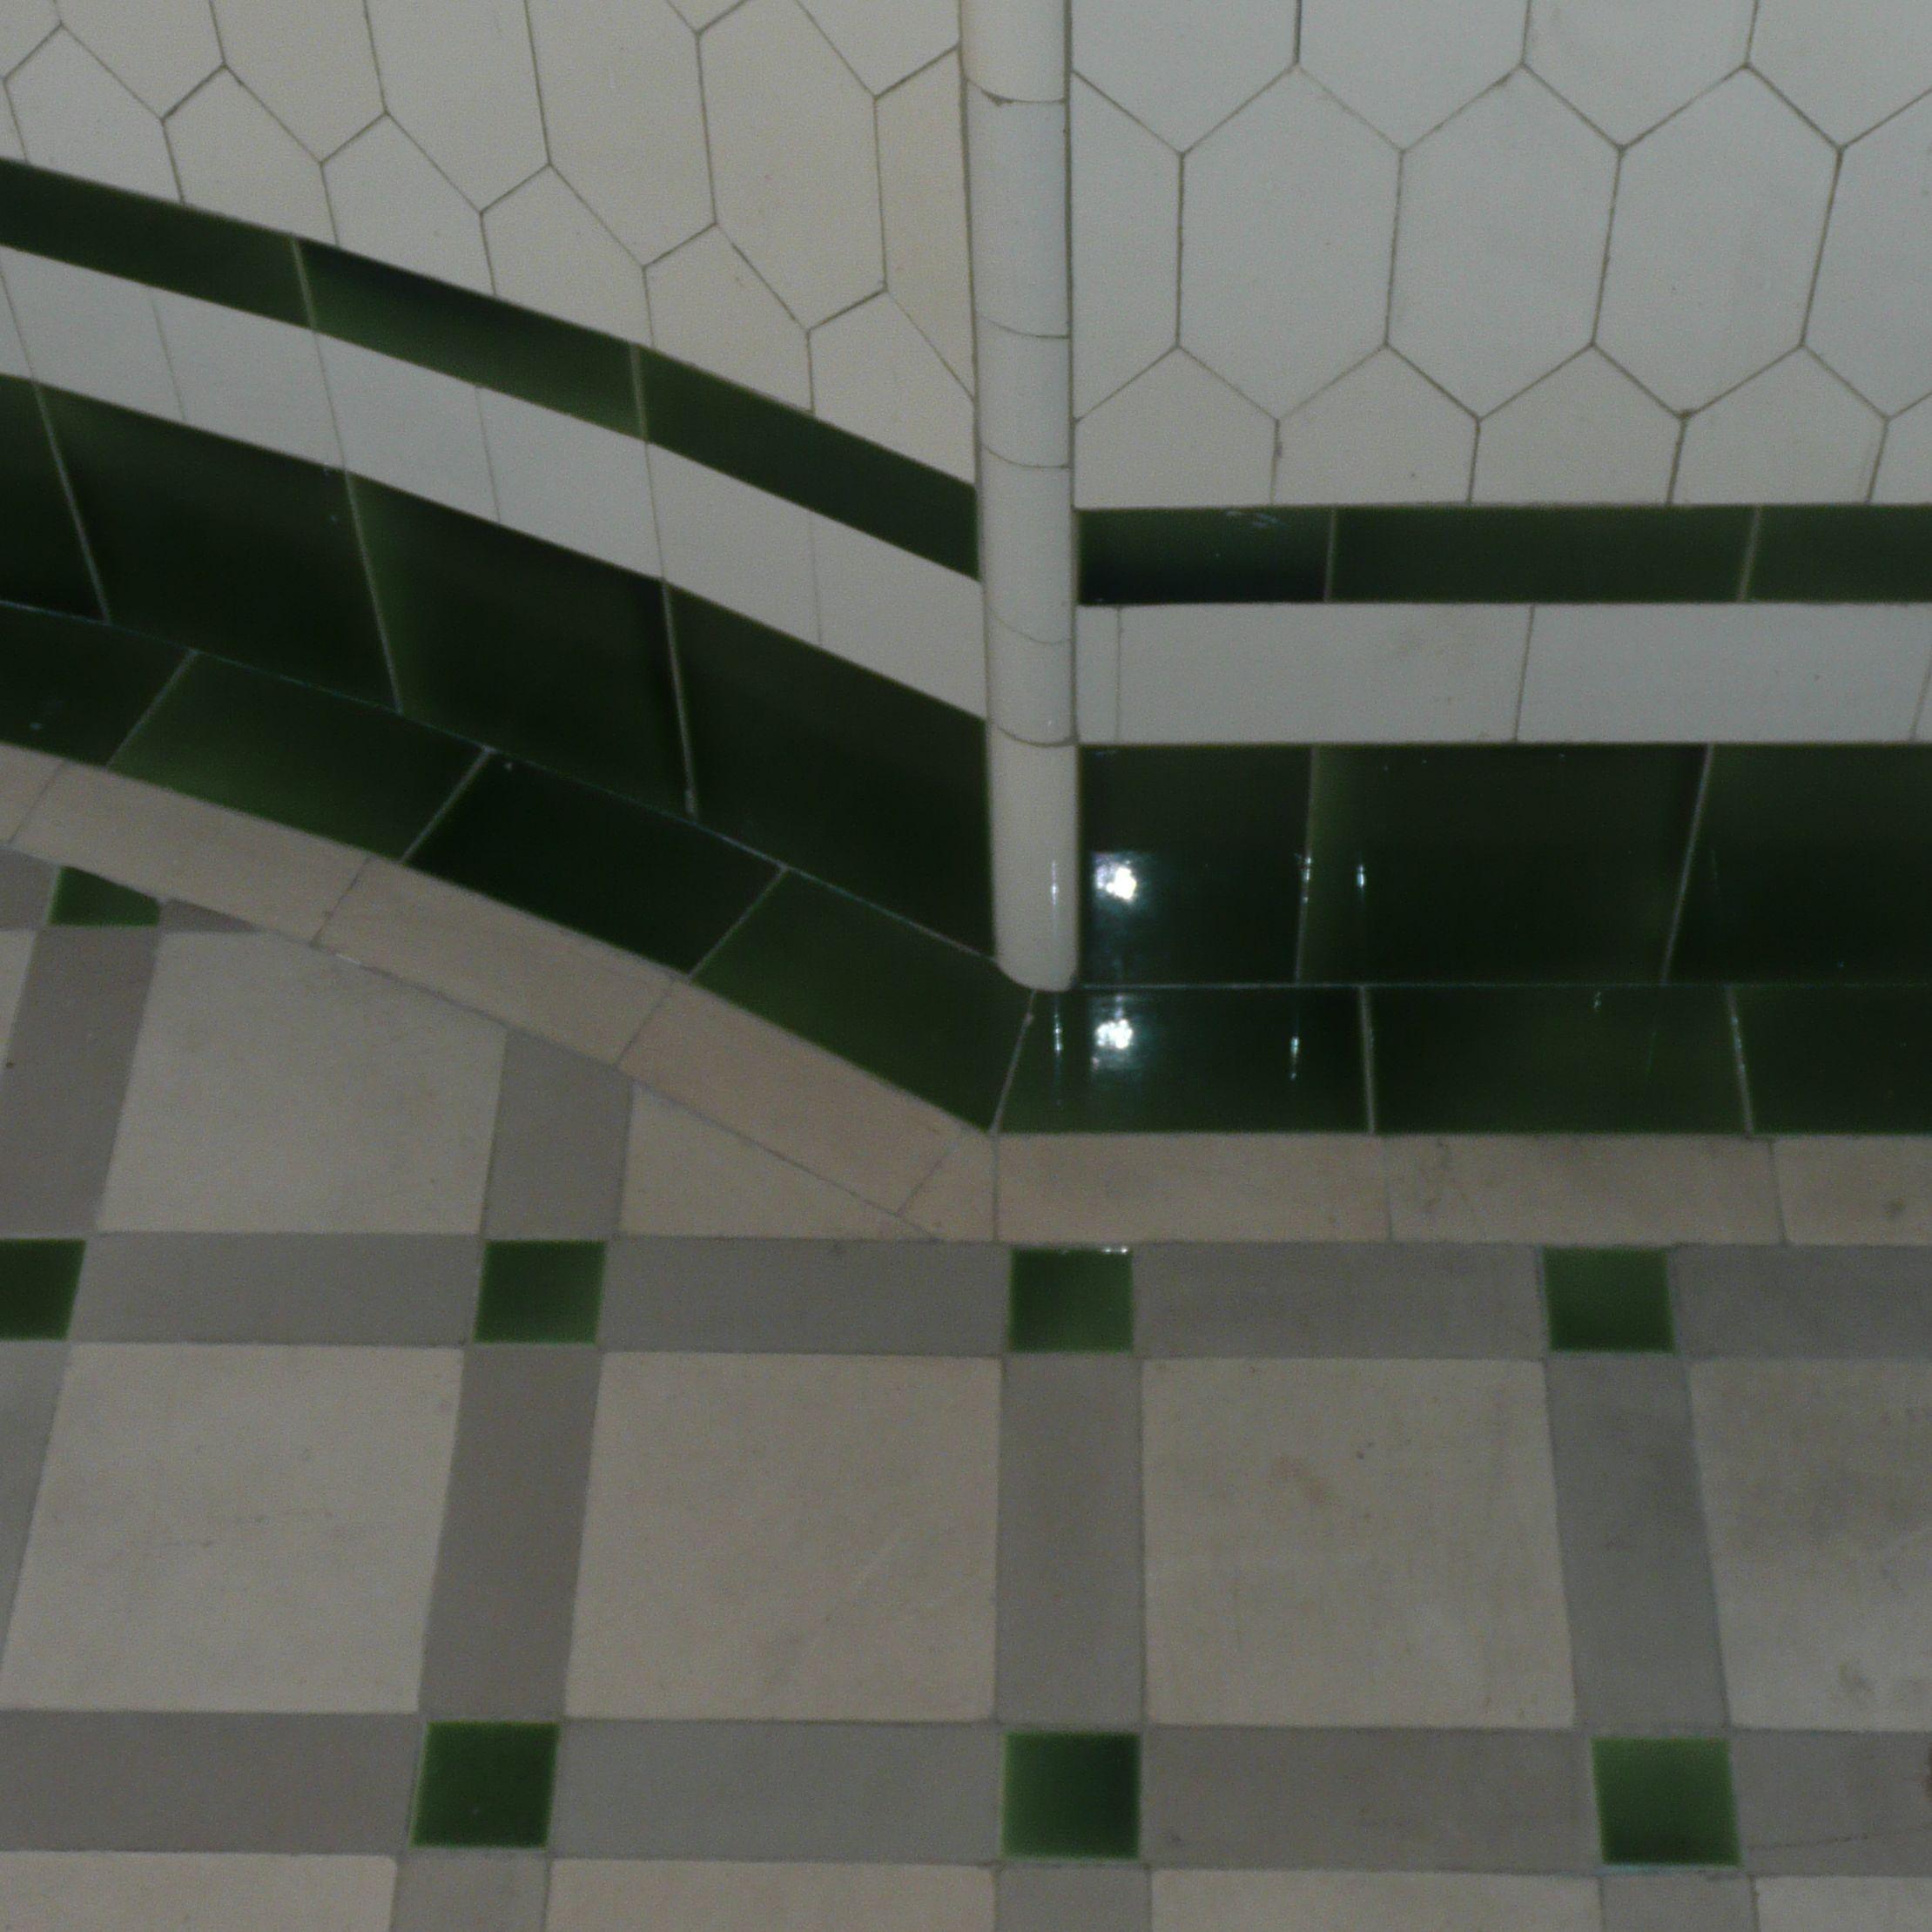 Faience Vert Bouteille : Les salles de bains du musée nissim camondo